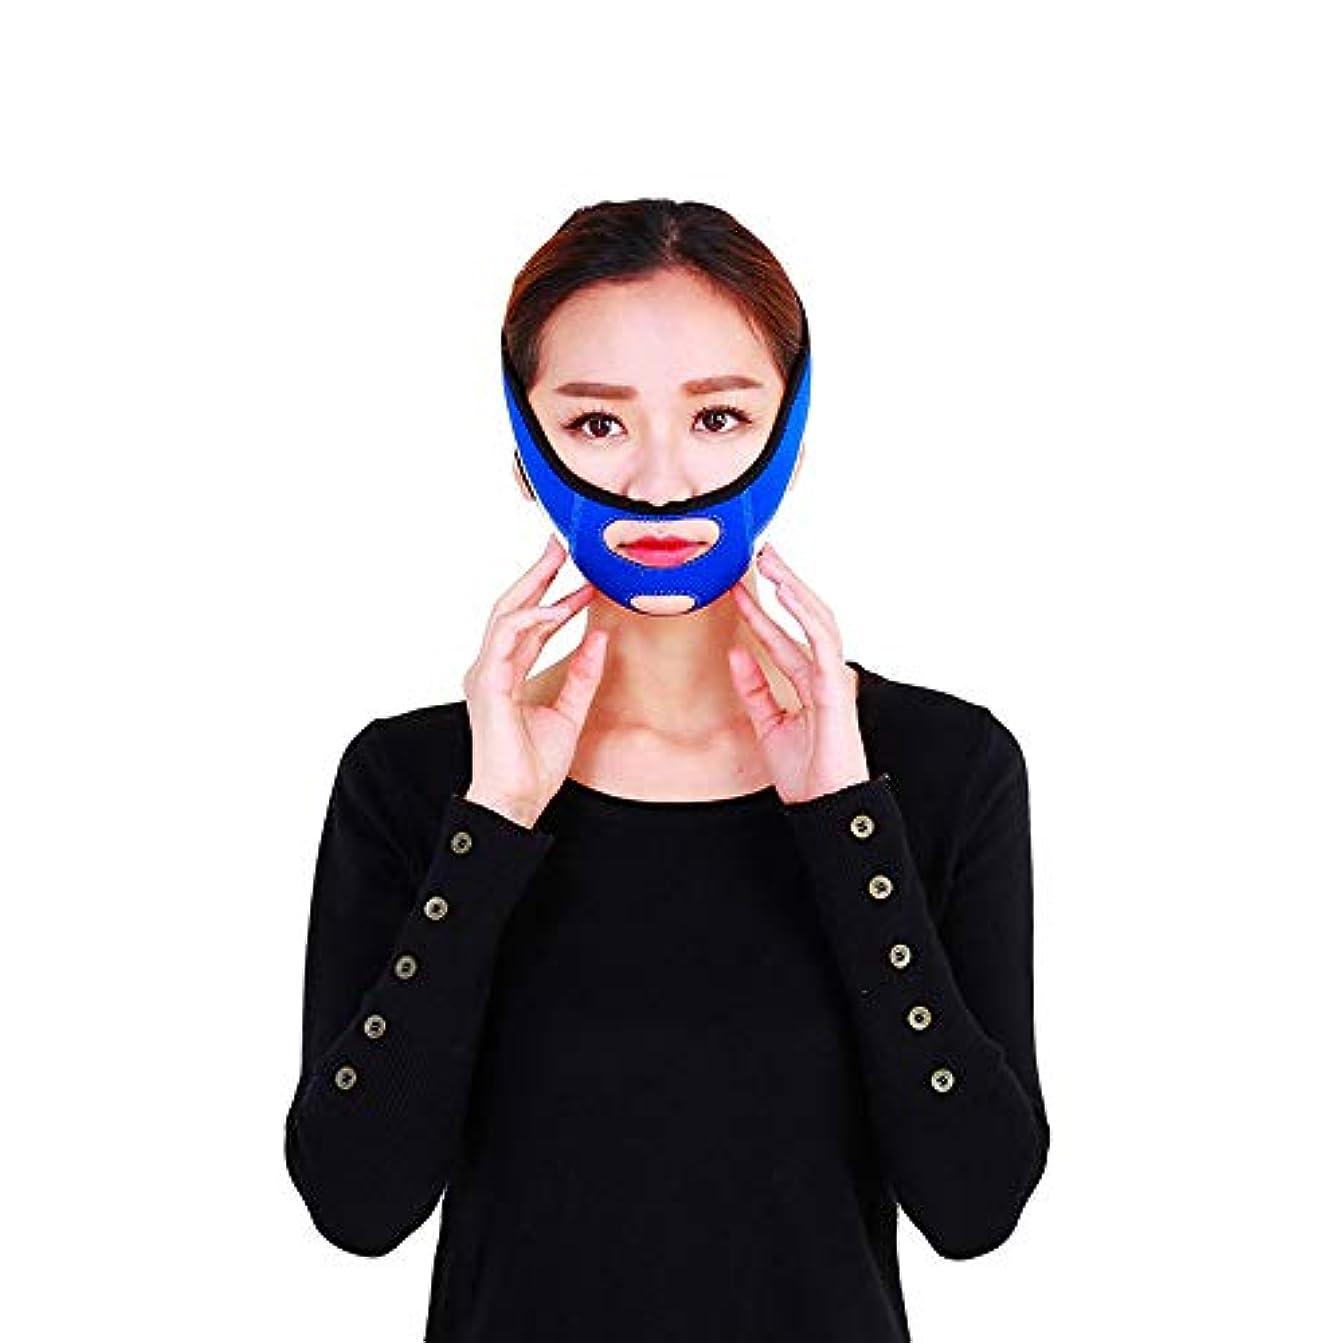 ドラマ有効休憩GYZ フェイシャルリフティング痩身ベルトフェーススリム二重あごを取り除くアンチエイジングリンクルフェイス包帯マスク整形マスクが顔を引き締める Thin Face Belt